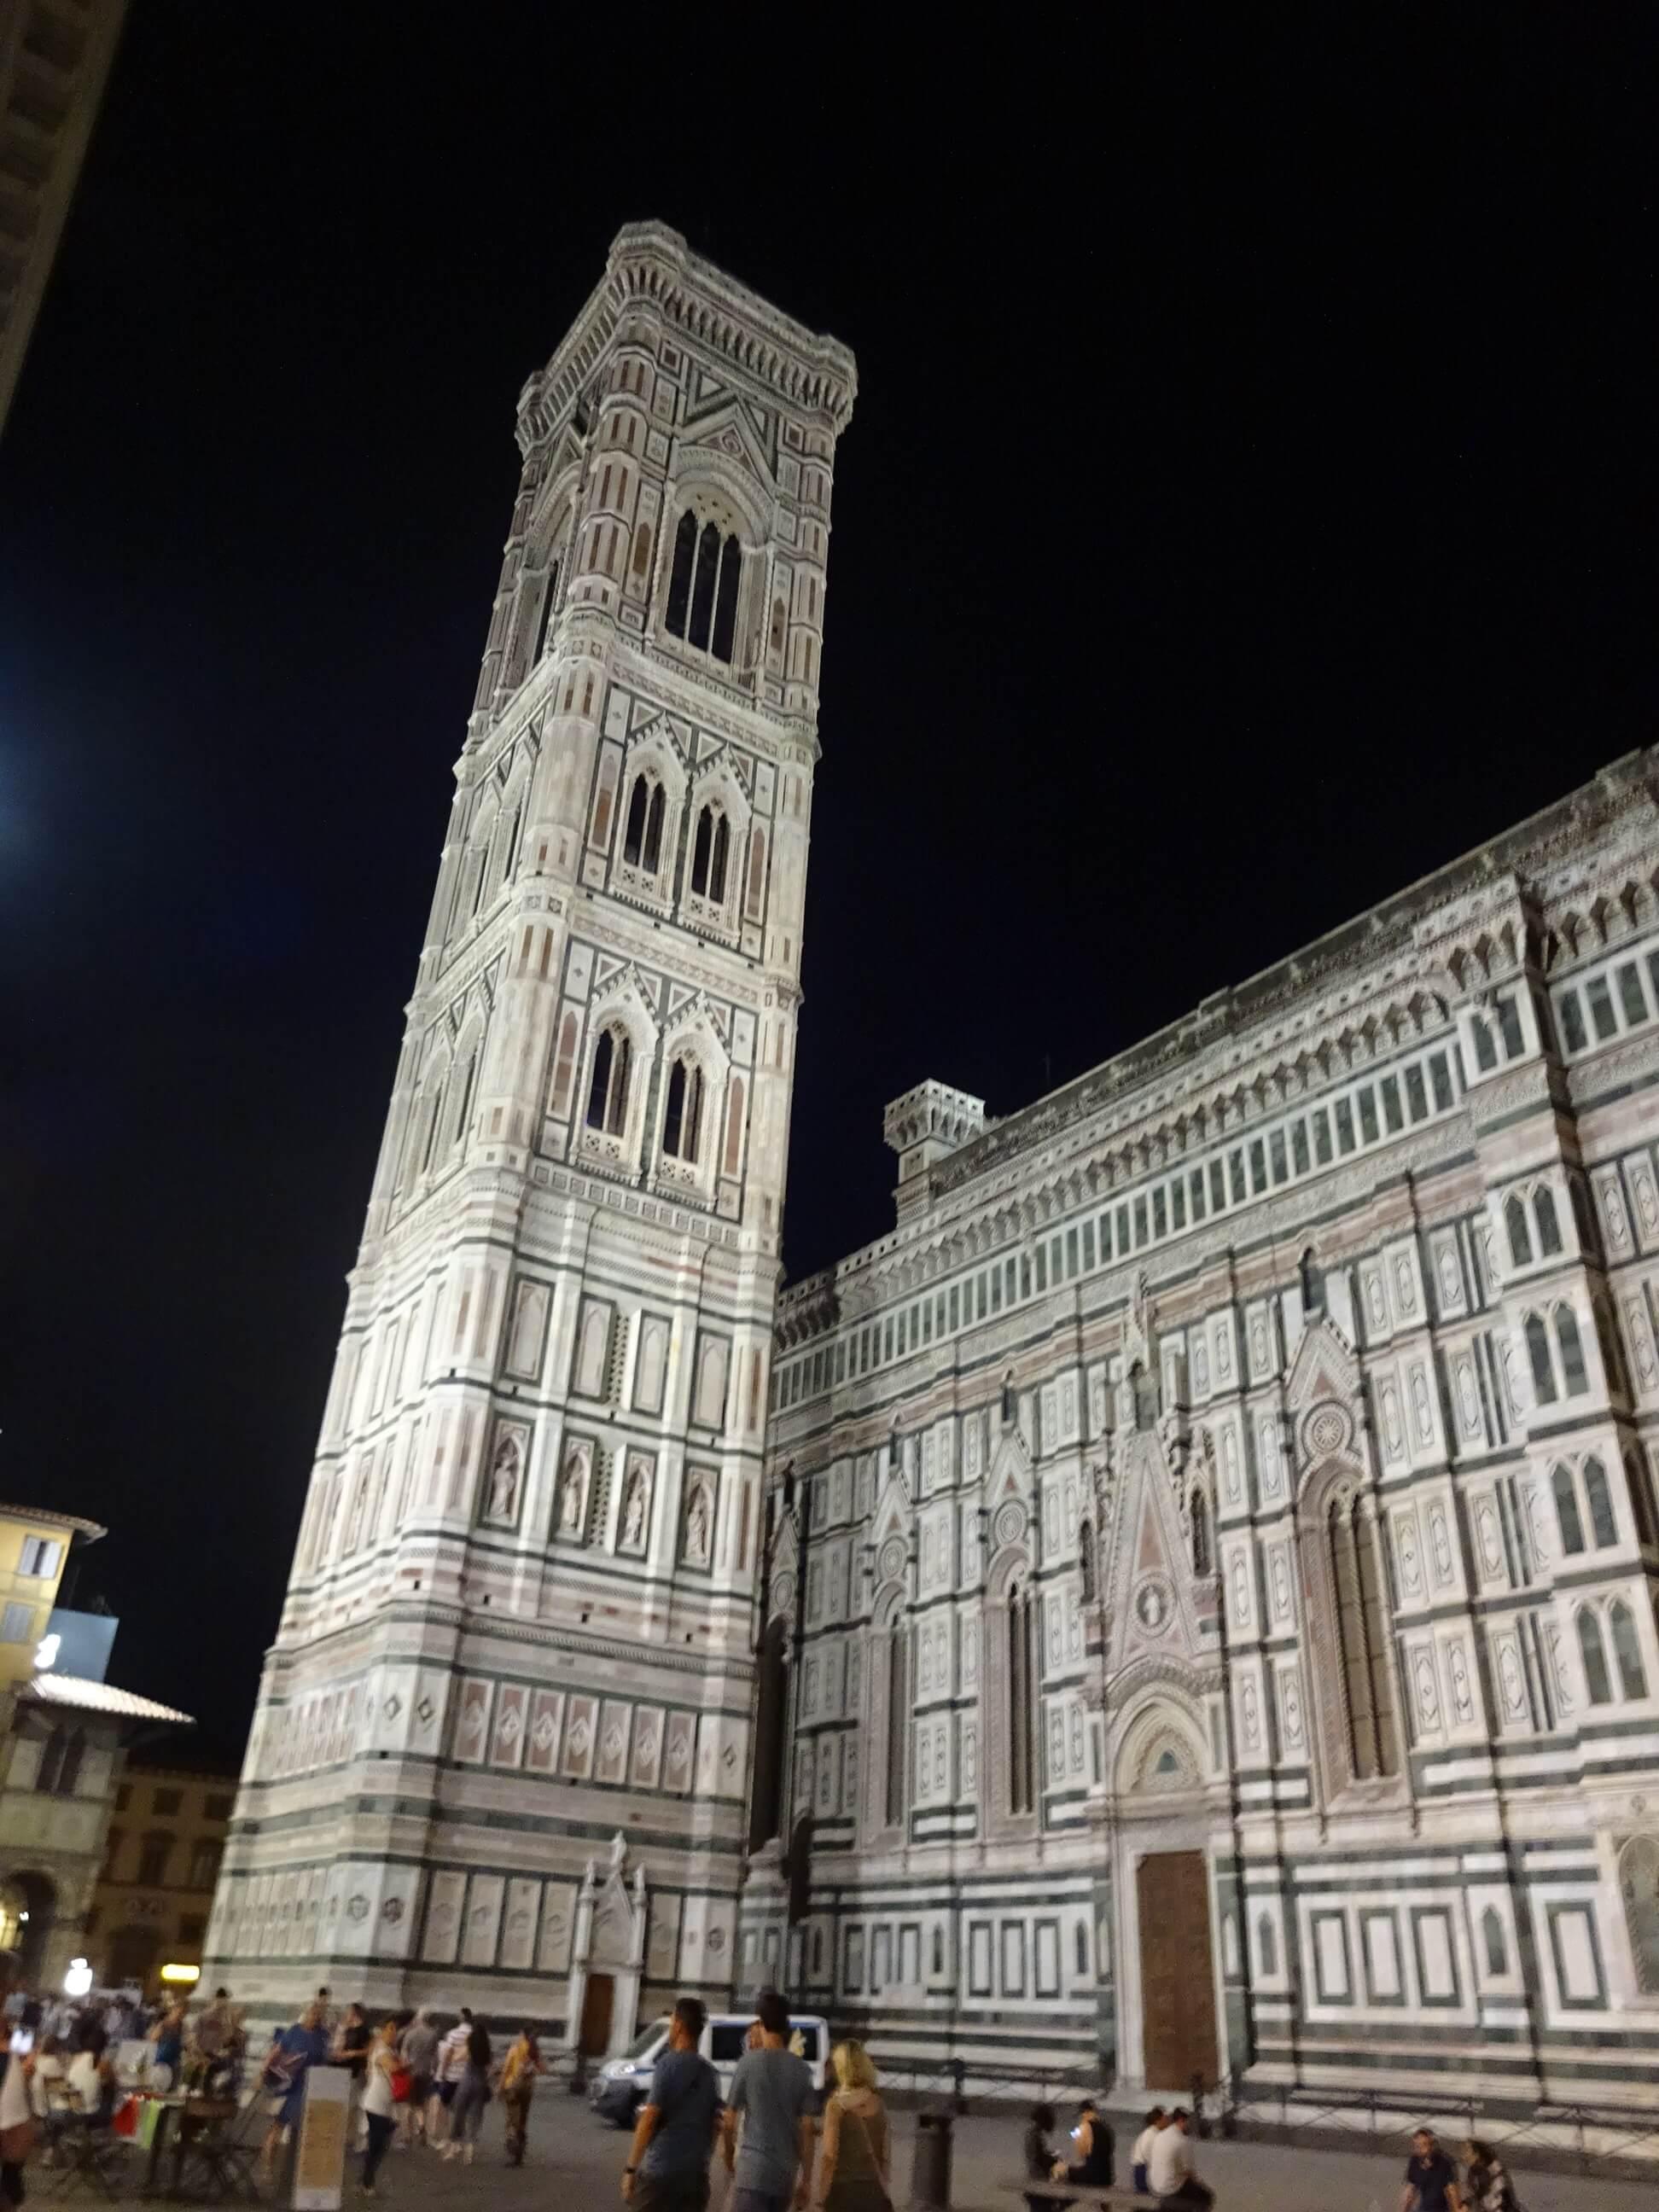 フィレンツェの夜の街並み ジョットの鐘楼